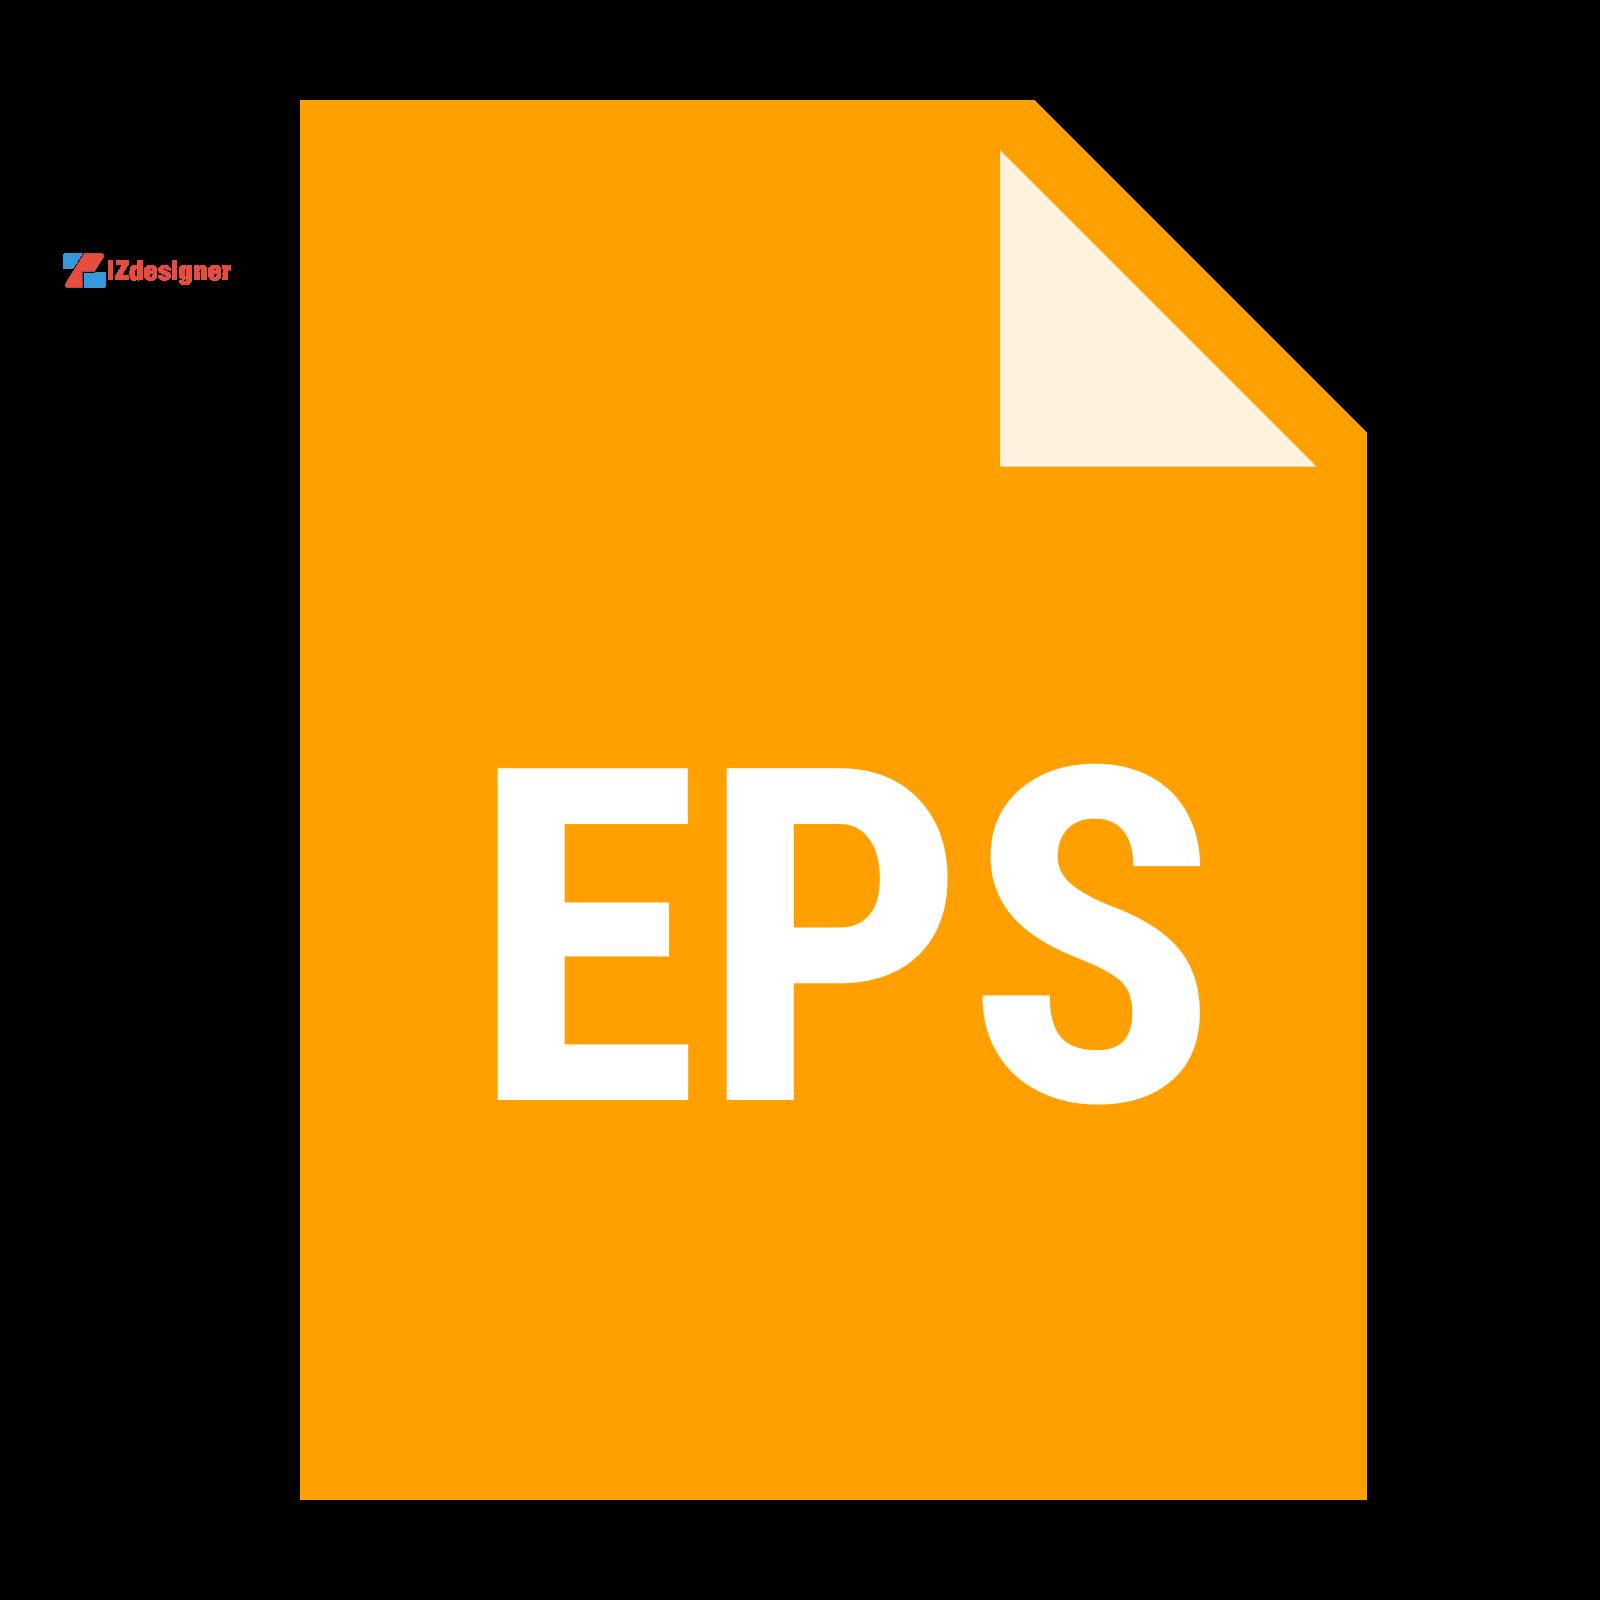 Định dạng file EPS trong Adobe Illustrator là gì